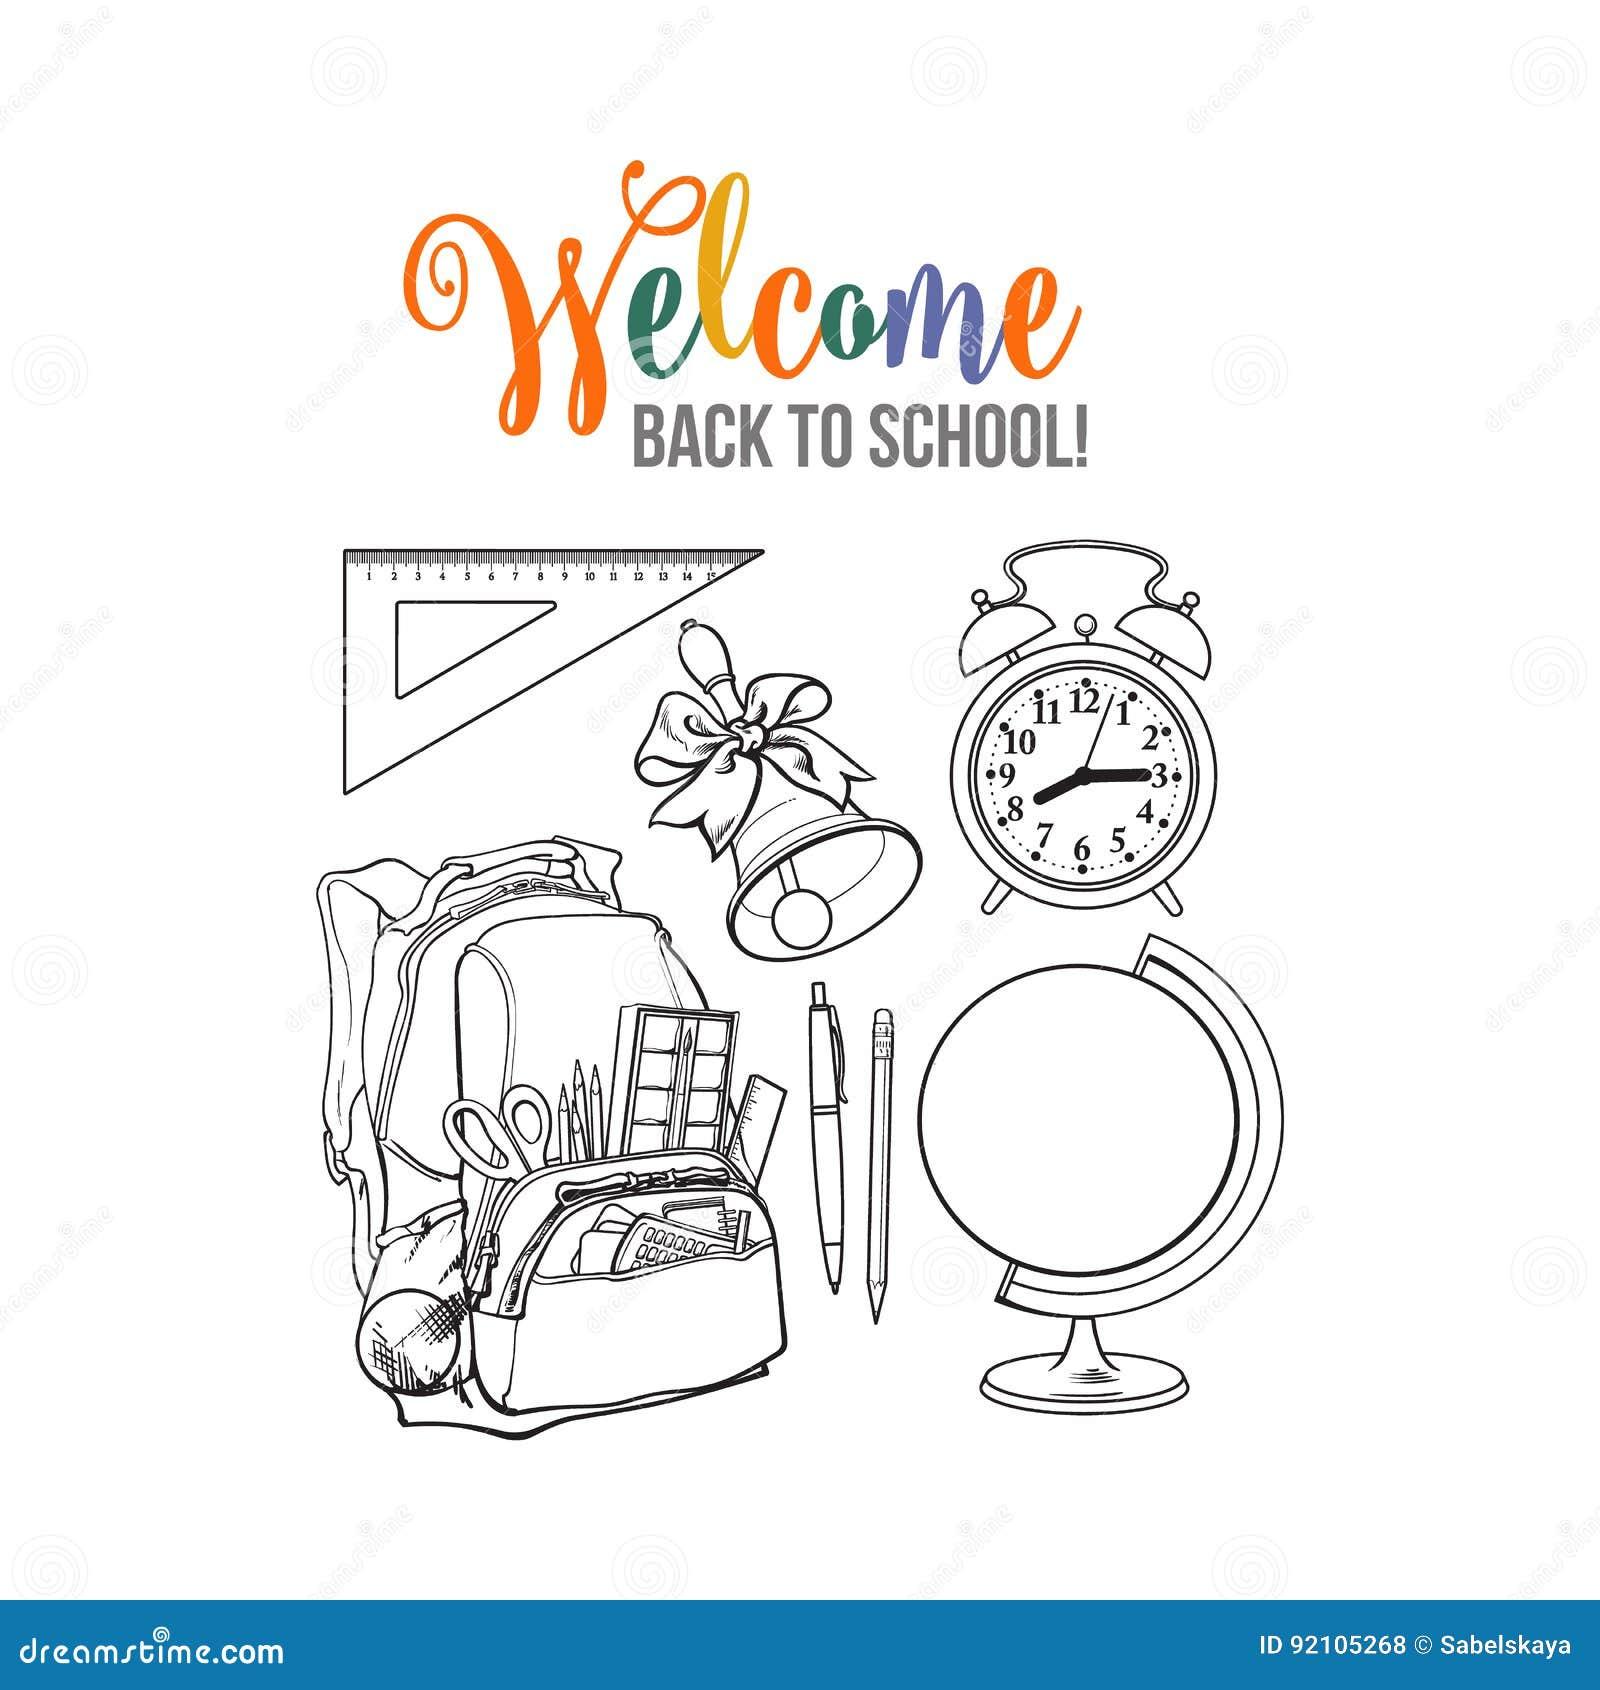 背包包装了与学校项目,闹钟,地球和响铃图片